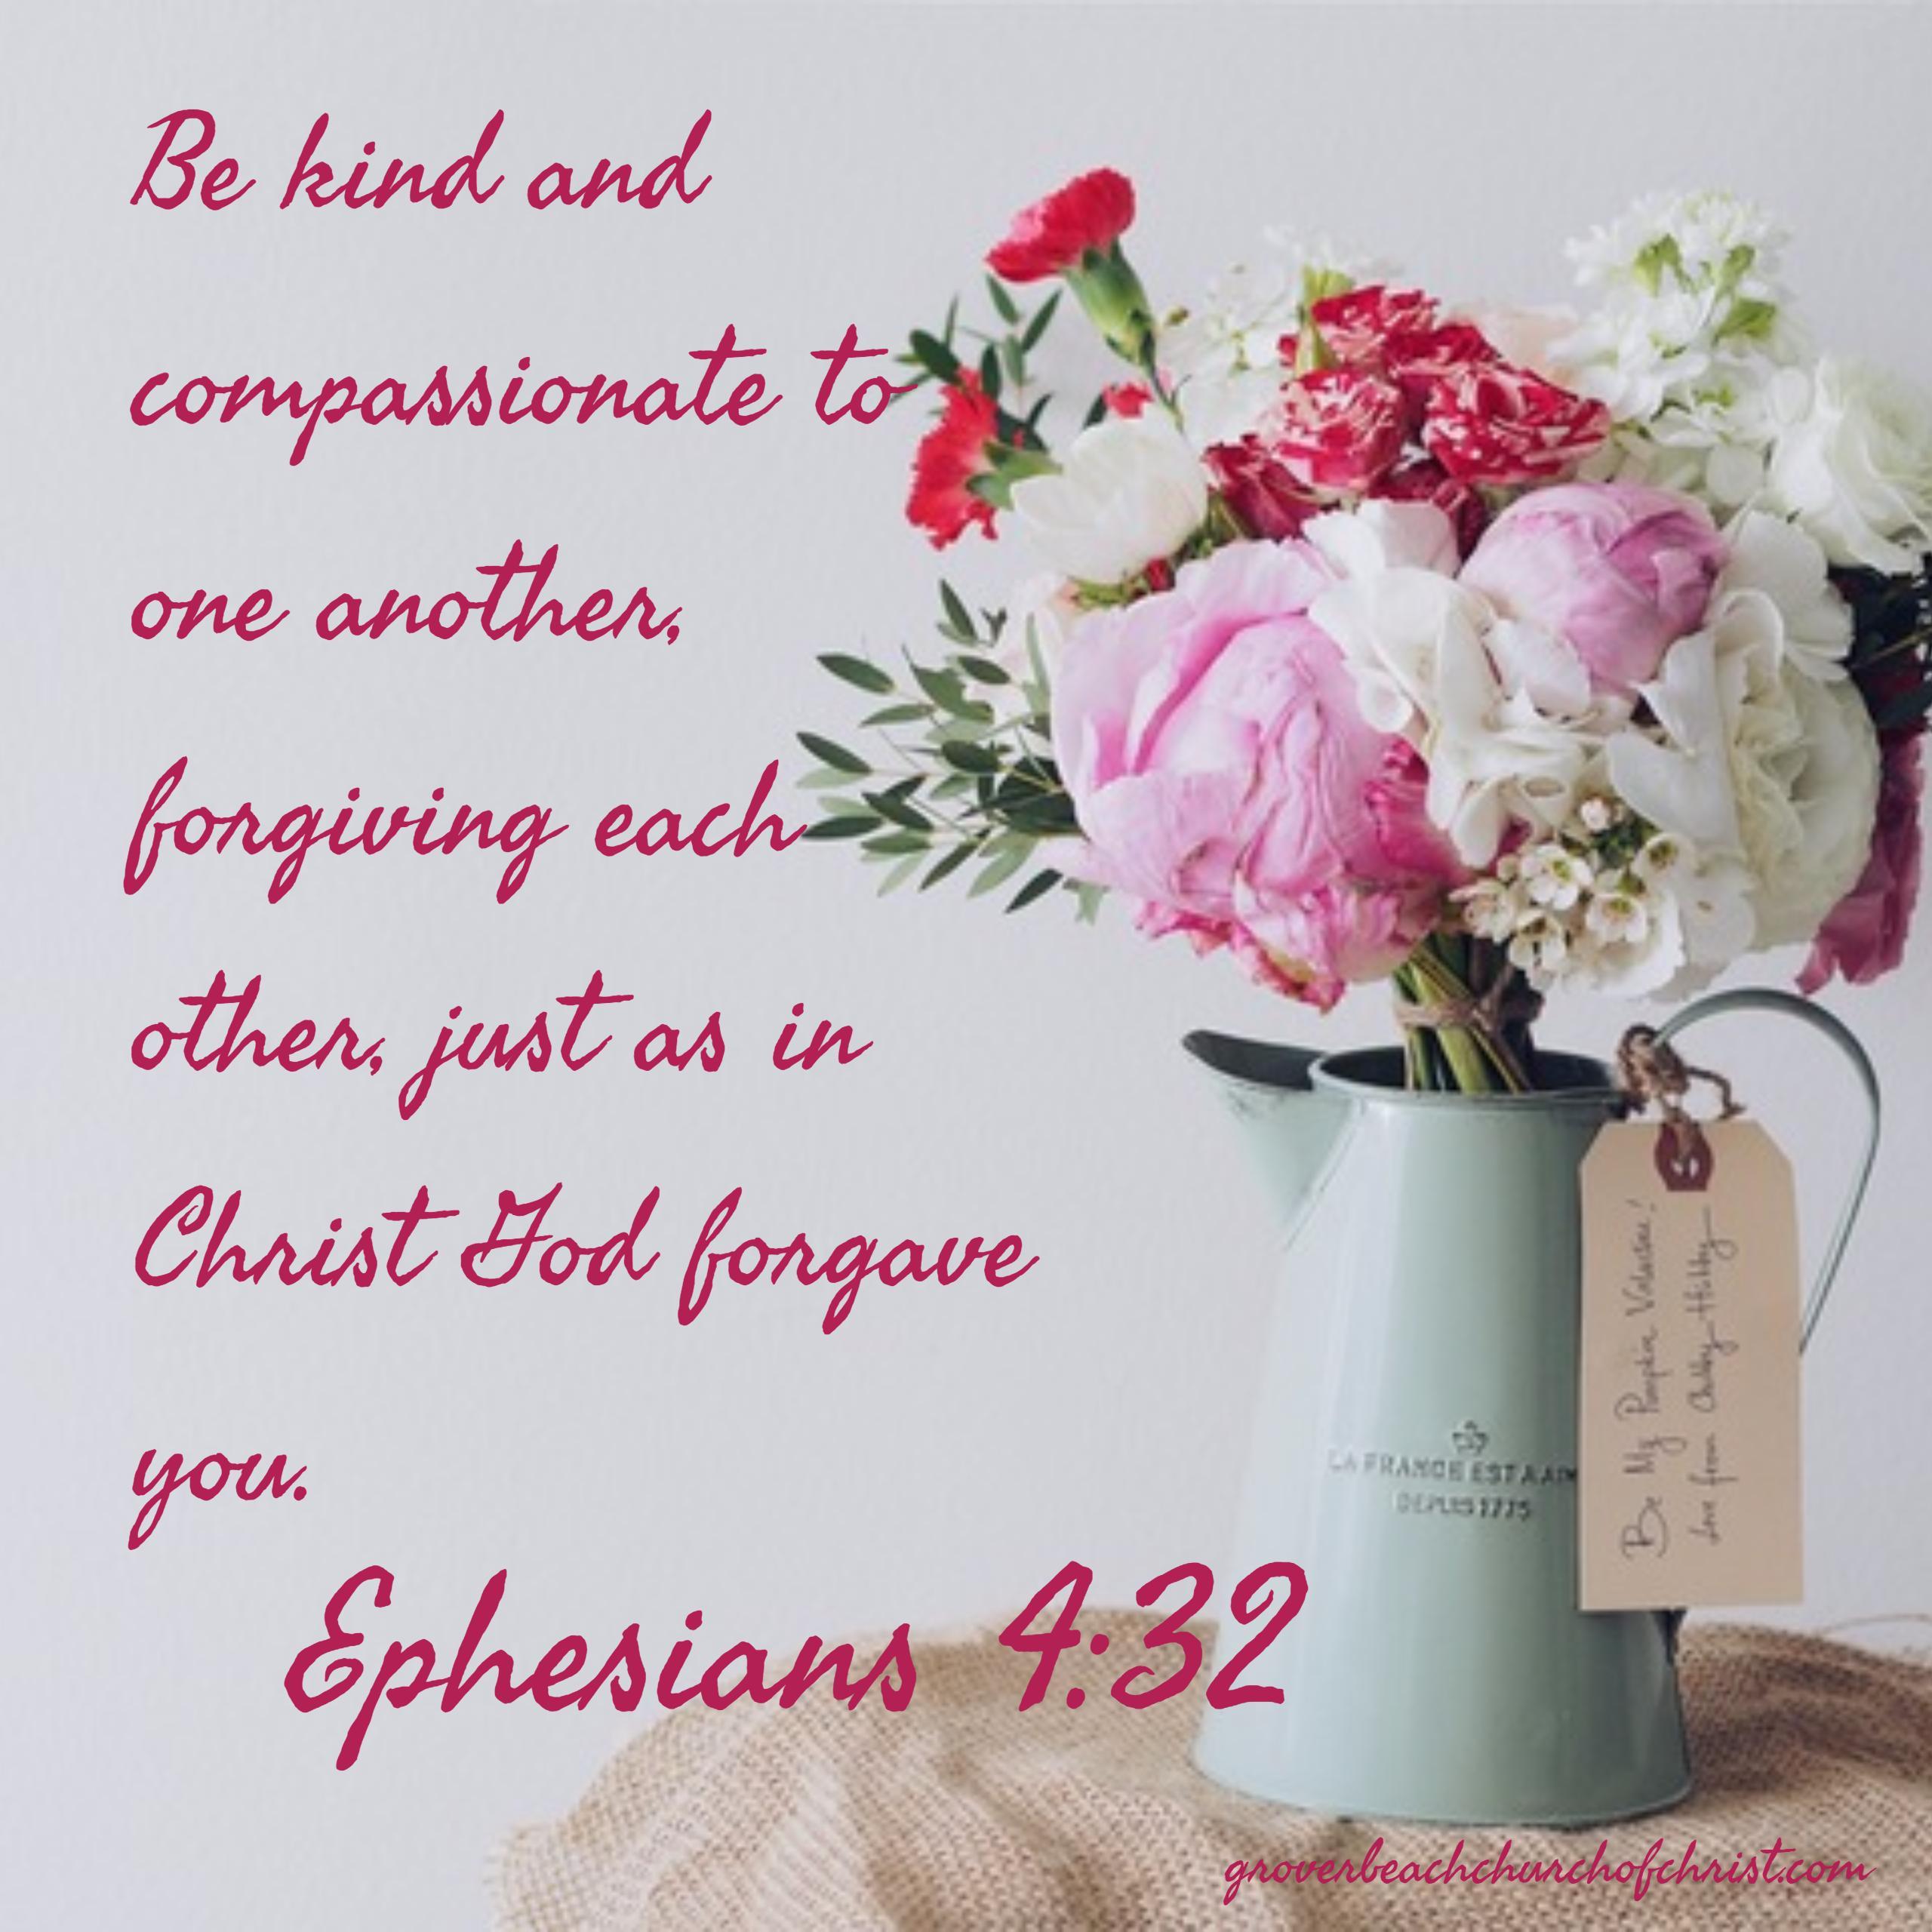 Ephesians 4-32 Be kind